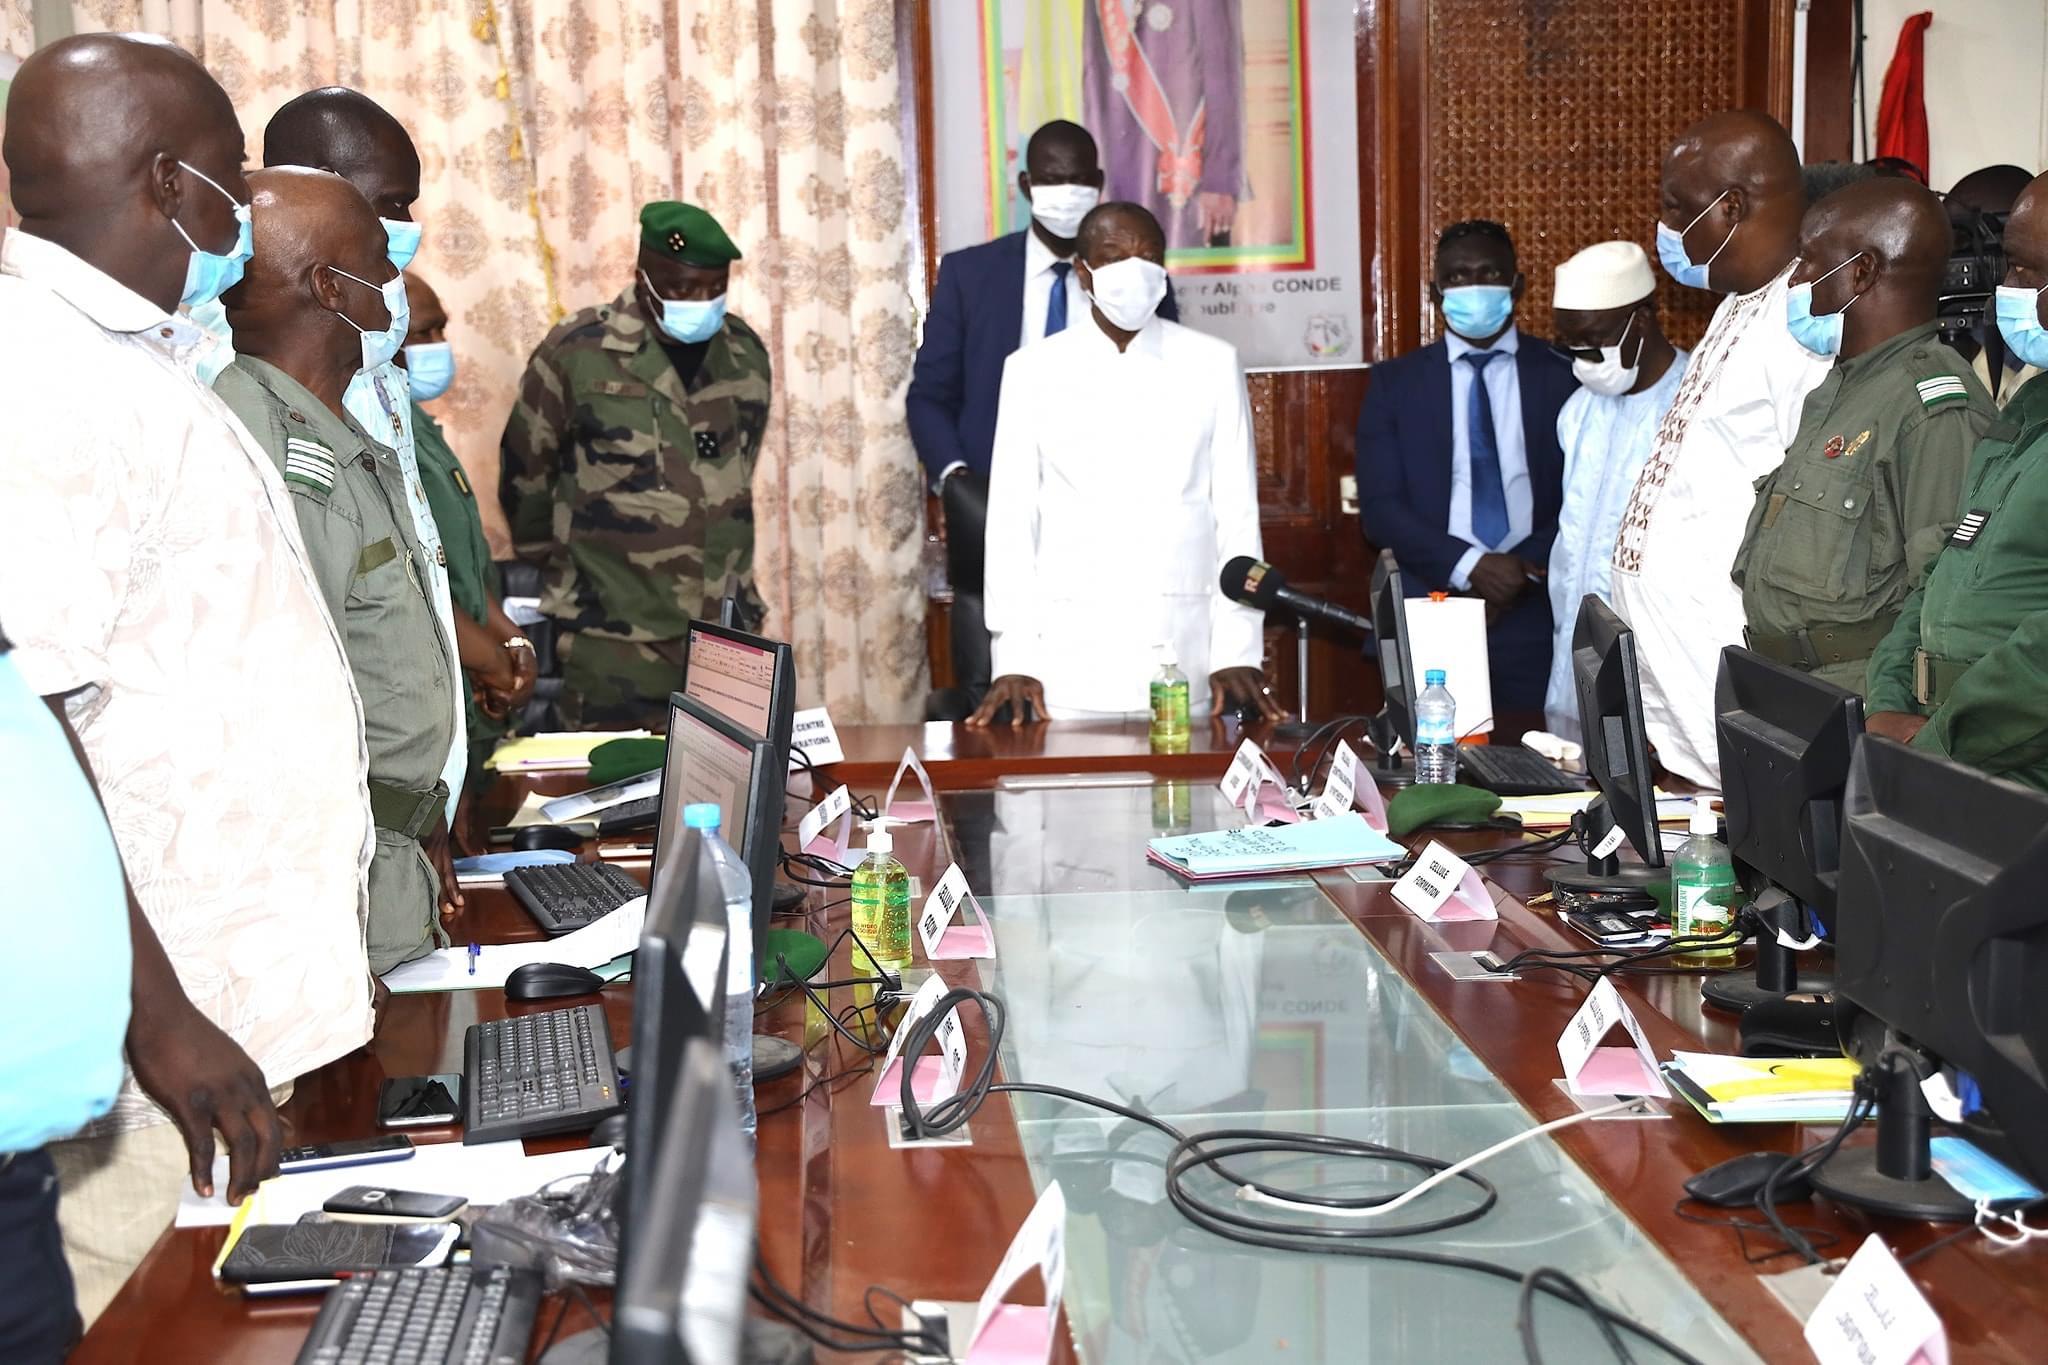 Alpha Condé : «D'ici quelques années, la Guinée sera la 2èmepuissance après le Nigeria et c'est ça qui ne plait pas à tout le monde»